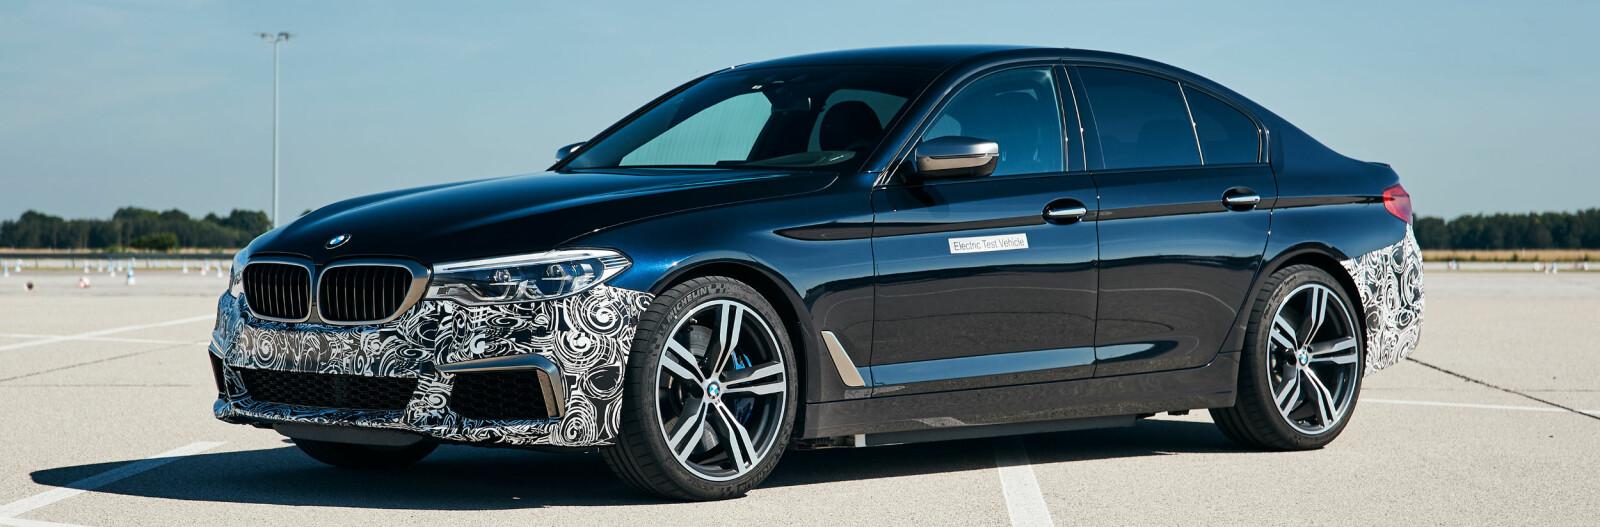 <b>TRE ELMOTORER:</b> I 2020 introduserer BMW femte generasjon elektrisk drivlinje. En av bilene som testes er en 5-serie med tre nye elektromotorer og en total effekt på 530 kW/720 hk. Akselerasjonen fra 0-100 km/t gjøres unna på godt under 3 sekunder. Elektromotoren og batteriene som nå testes vil bli å finne i kommende BMW-modeller.